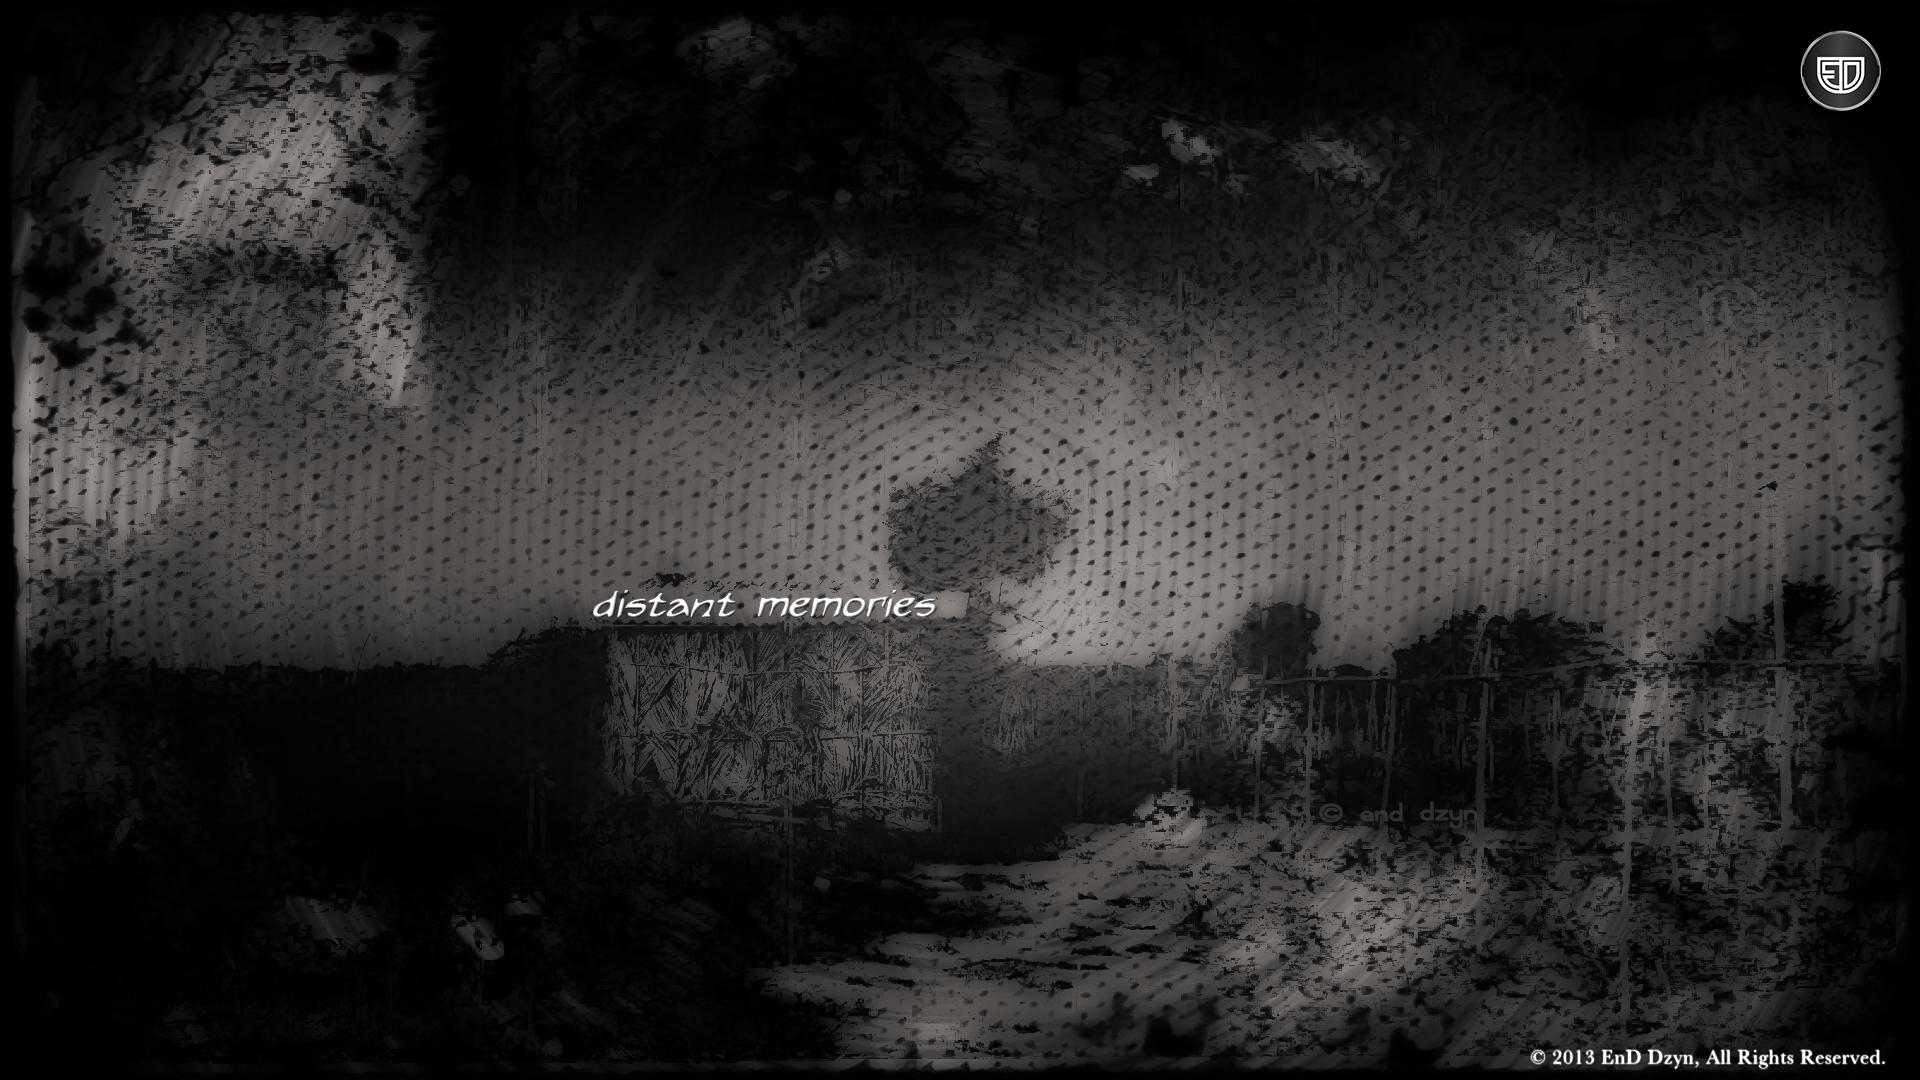 Cd Cover Backgrounds - WallpaperSafari